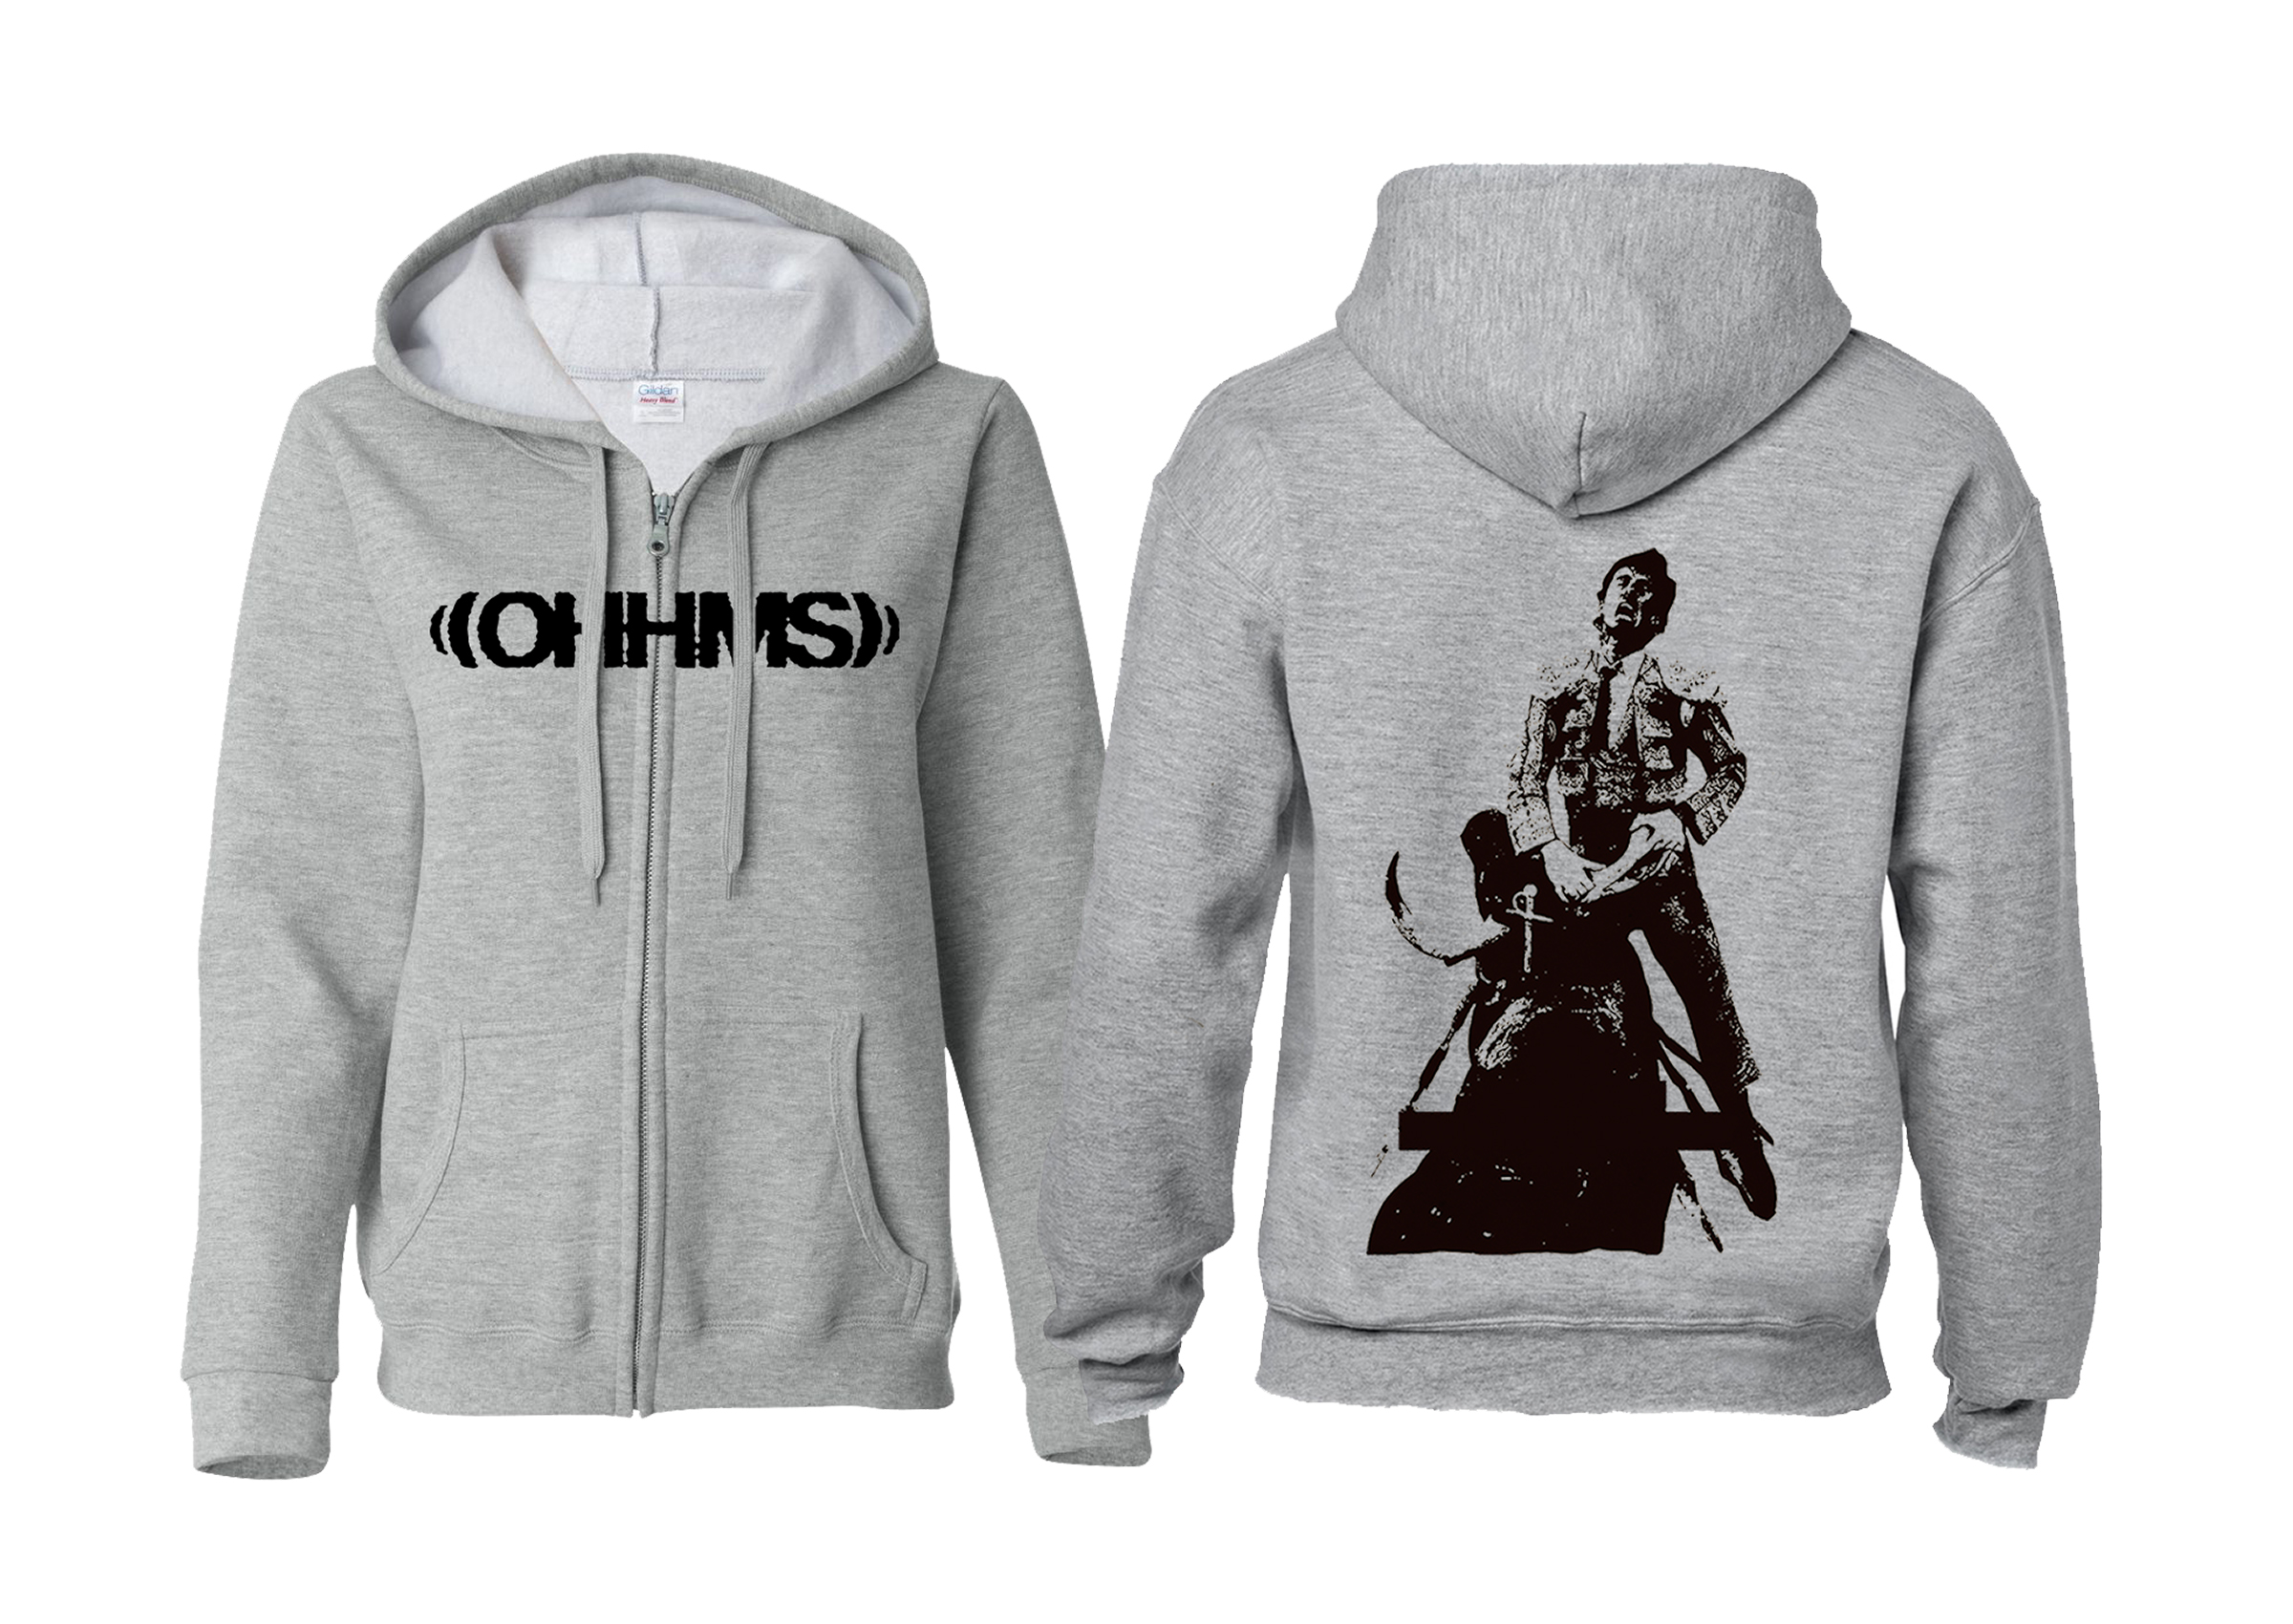 OHHMS - Exist Matador zip-up hoodie PREORDER